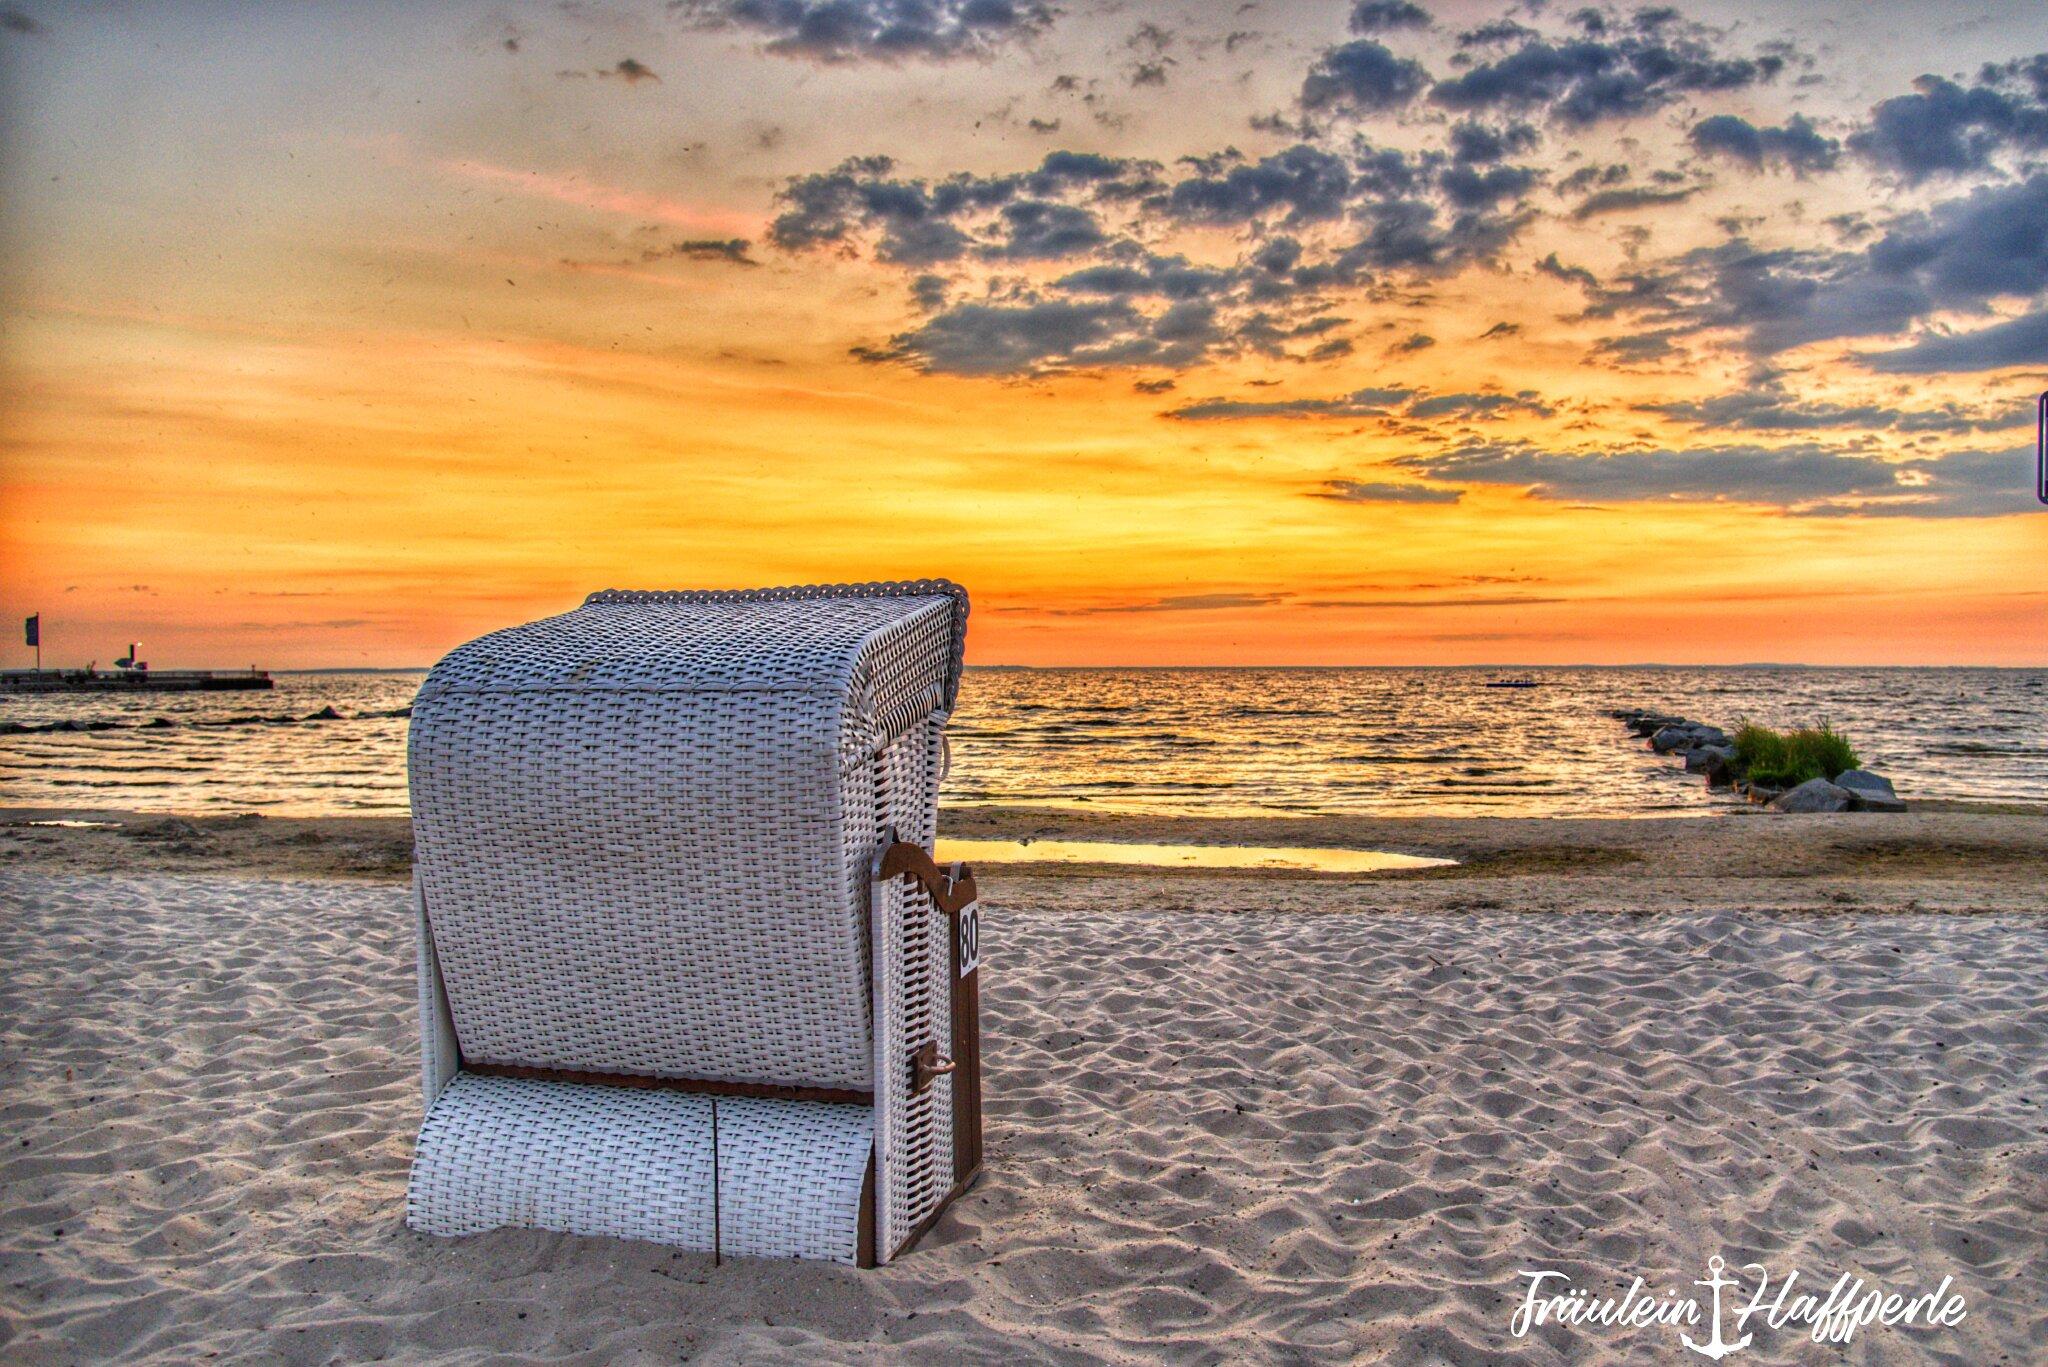 Detailbild von Ferienhaus Krüger